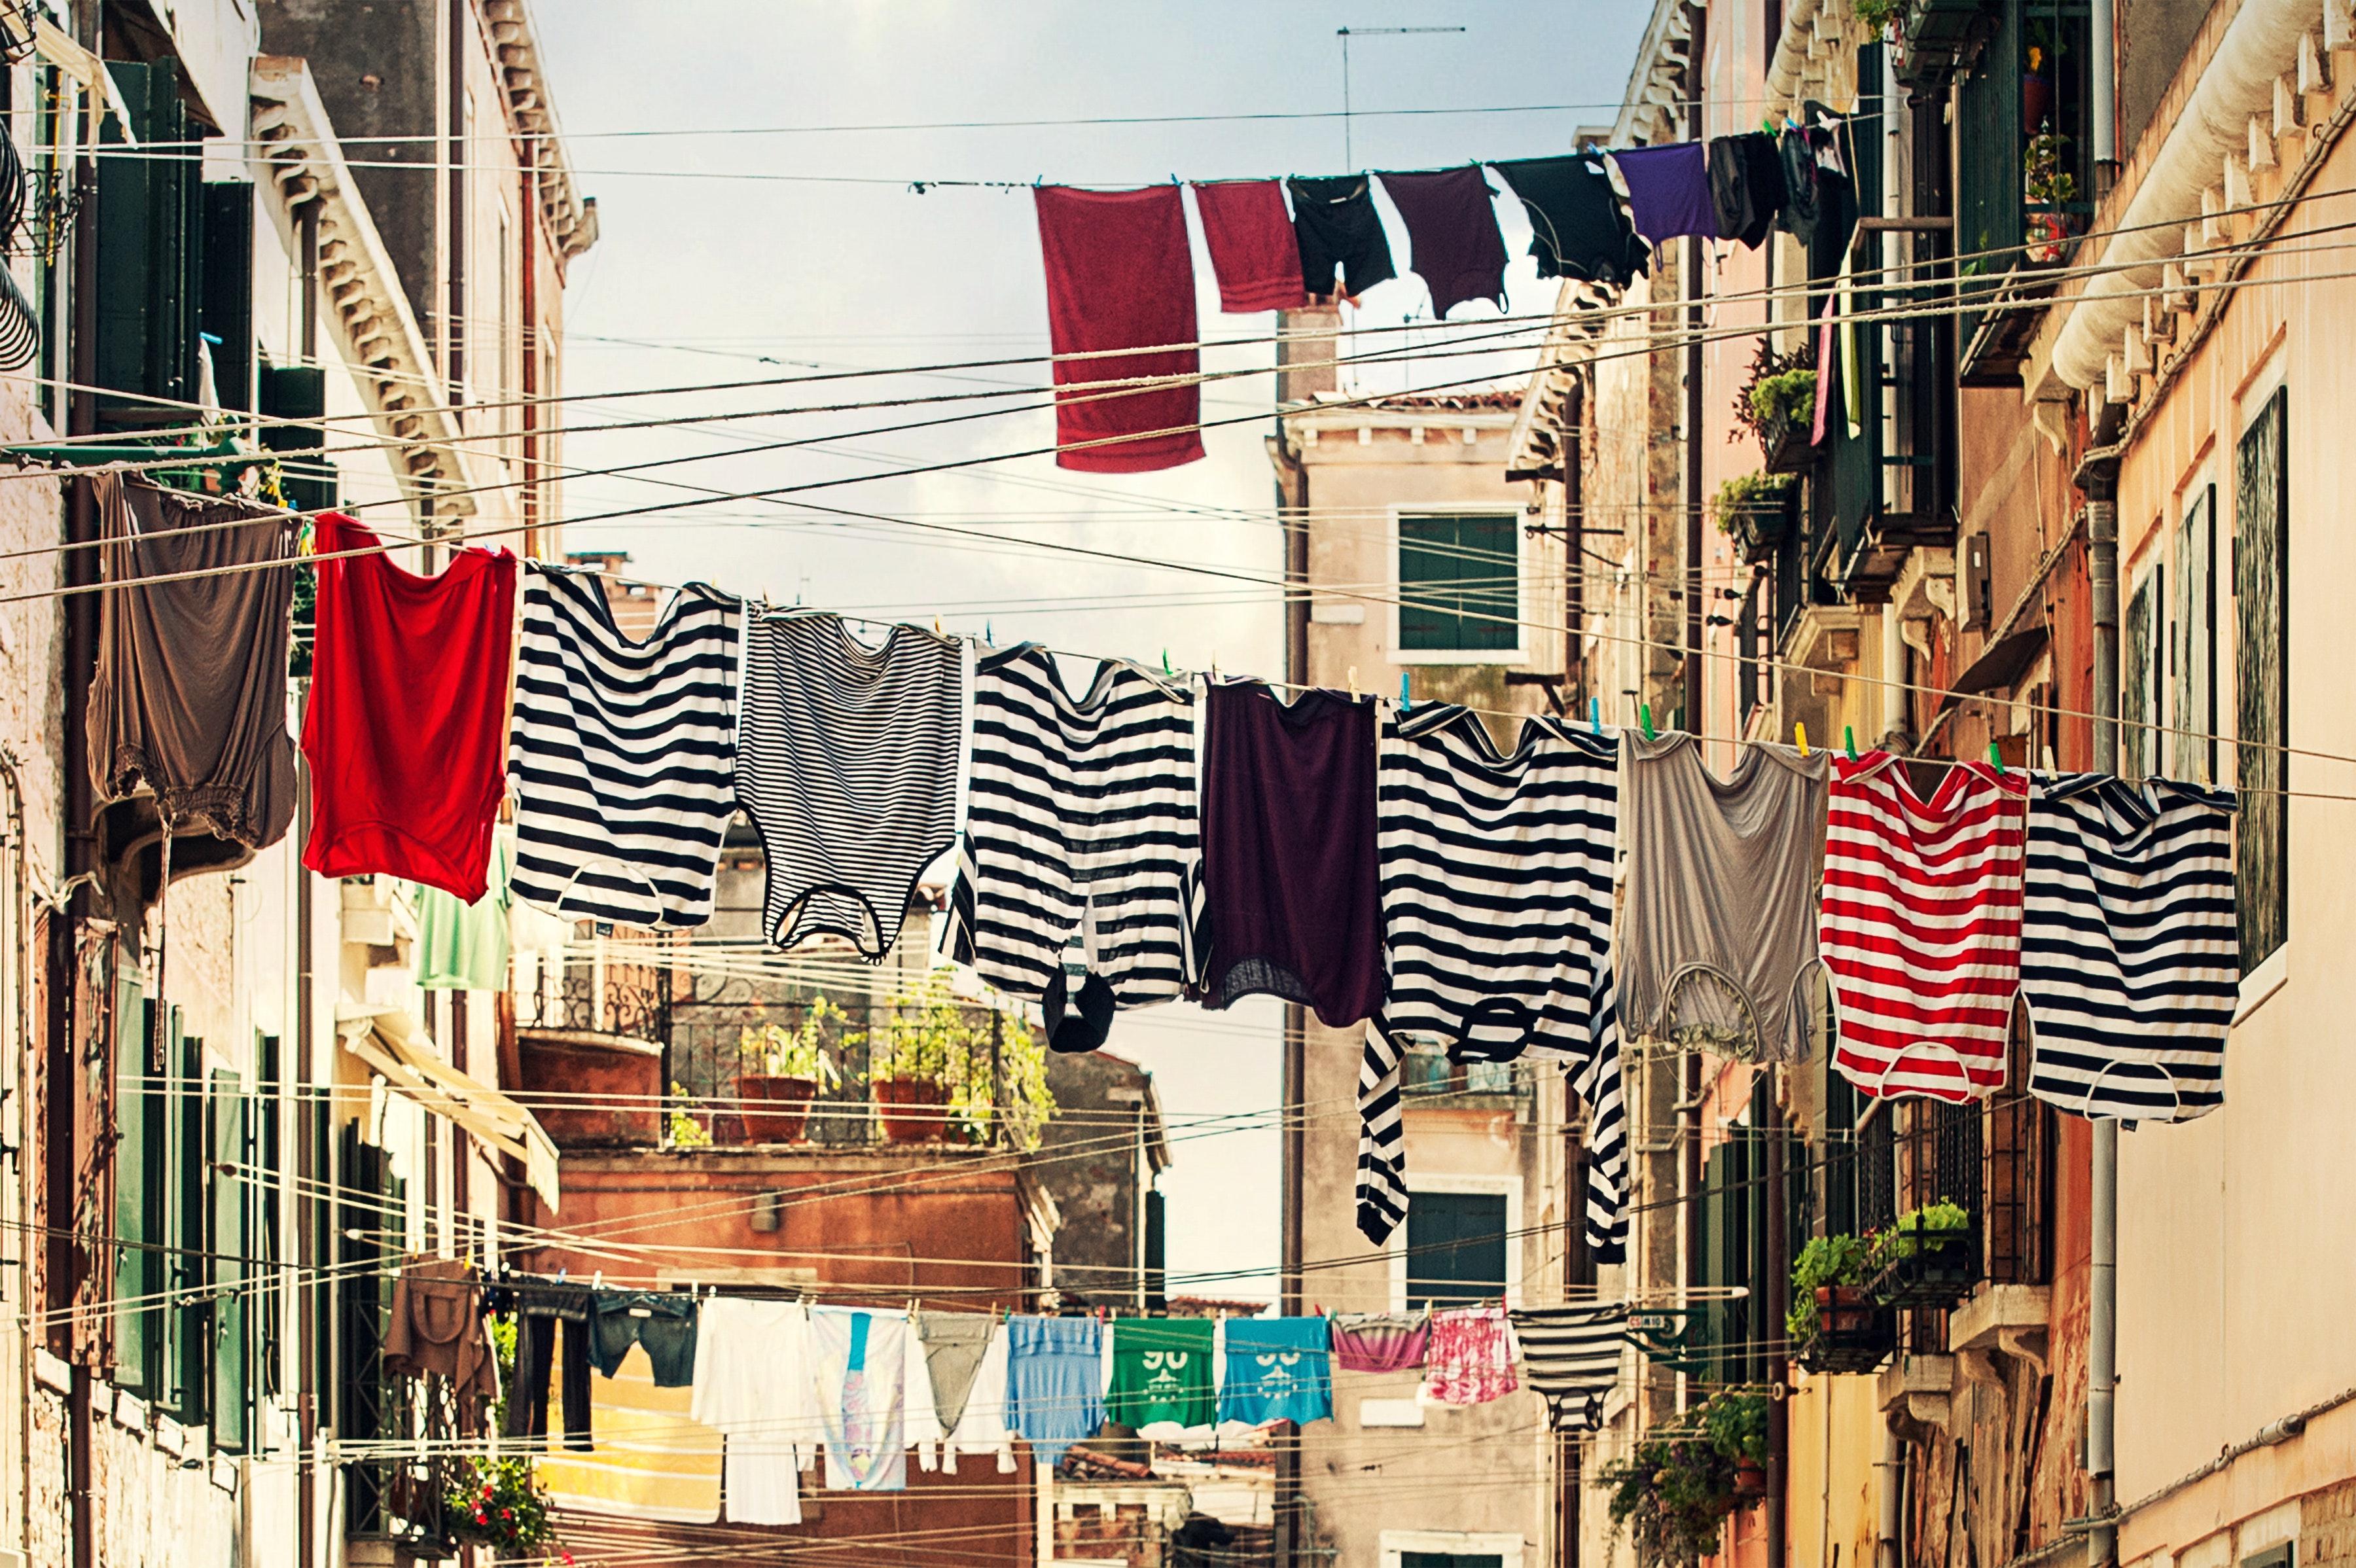 buildings-clothes-clothes-line-102303.jpg